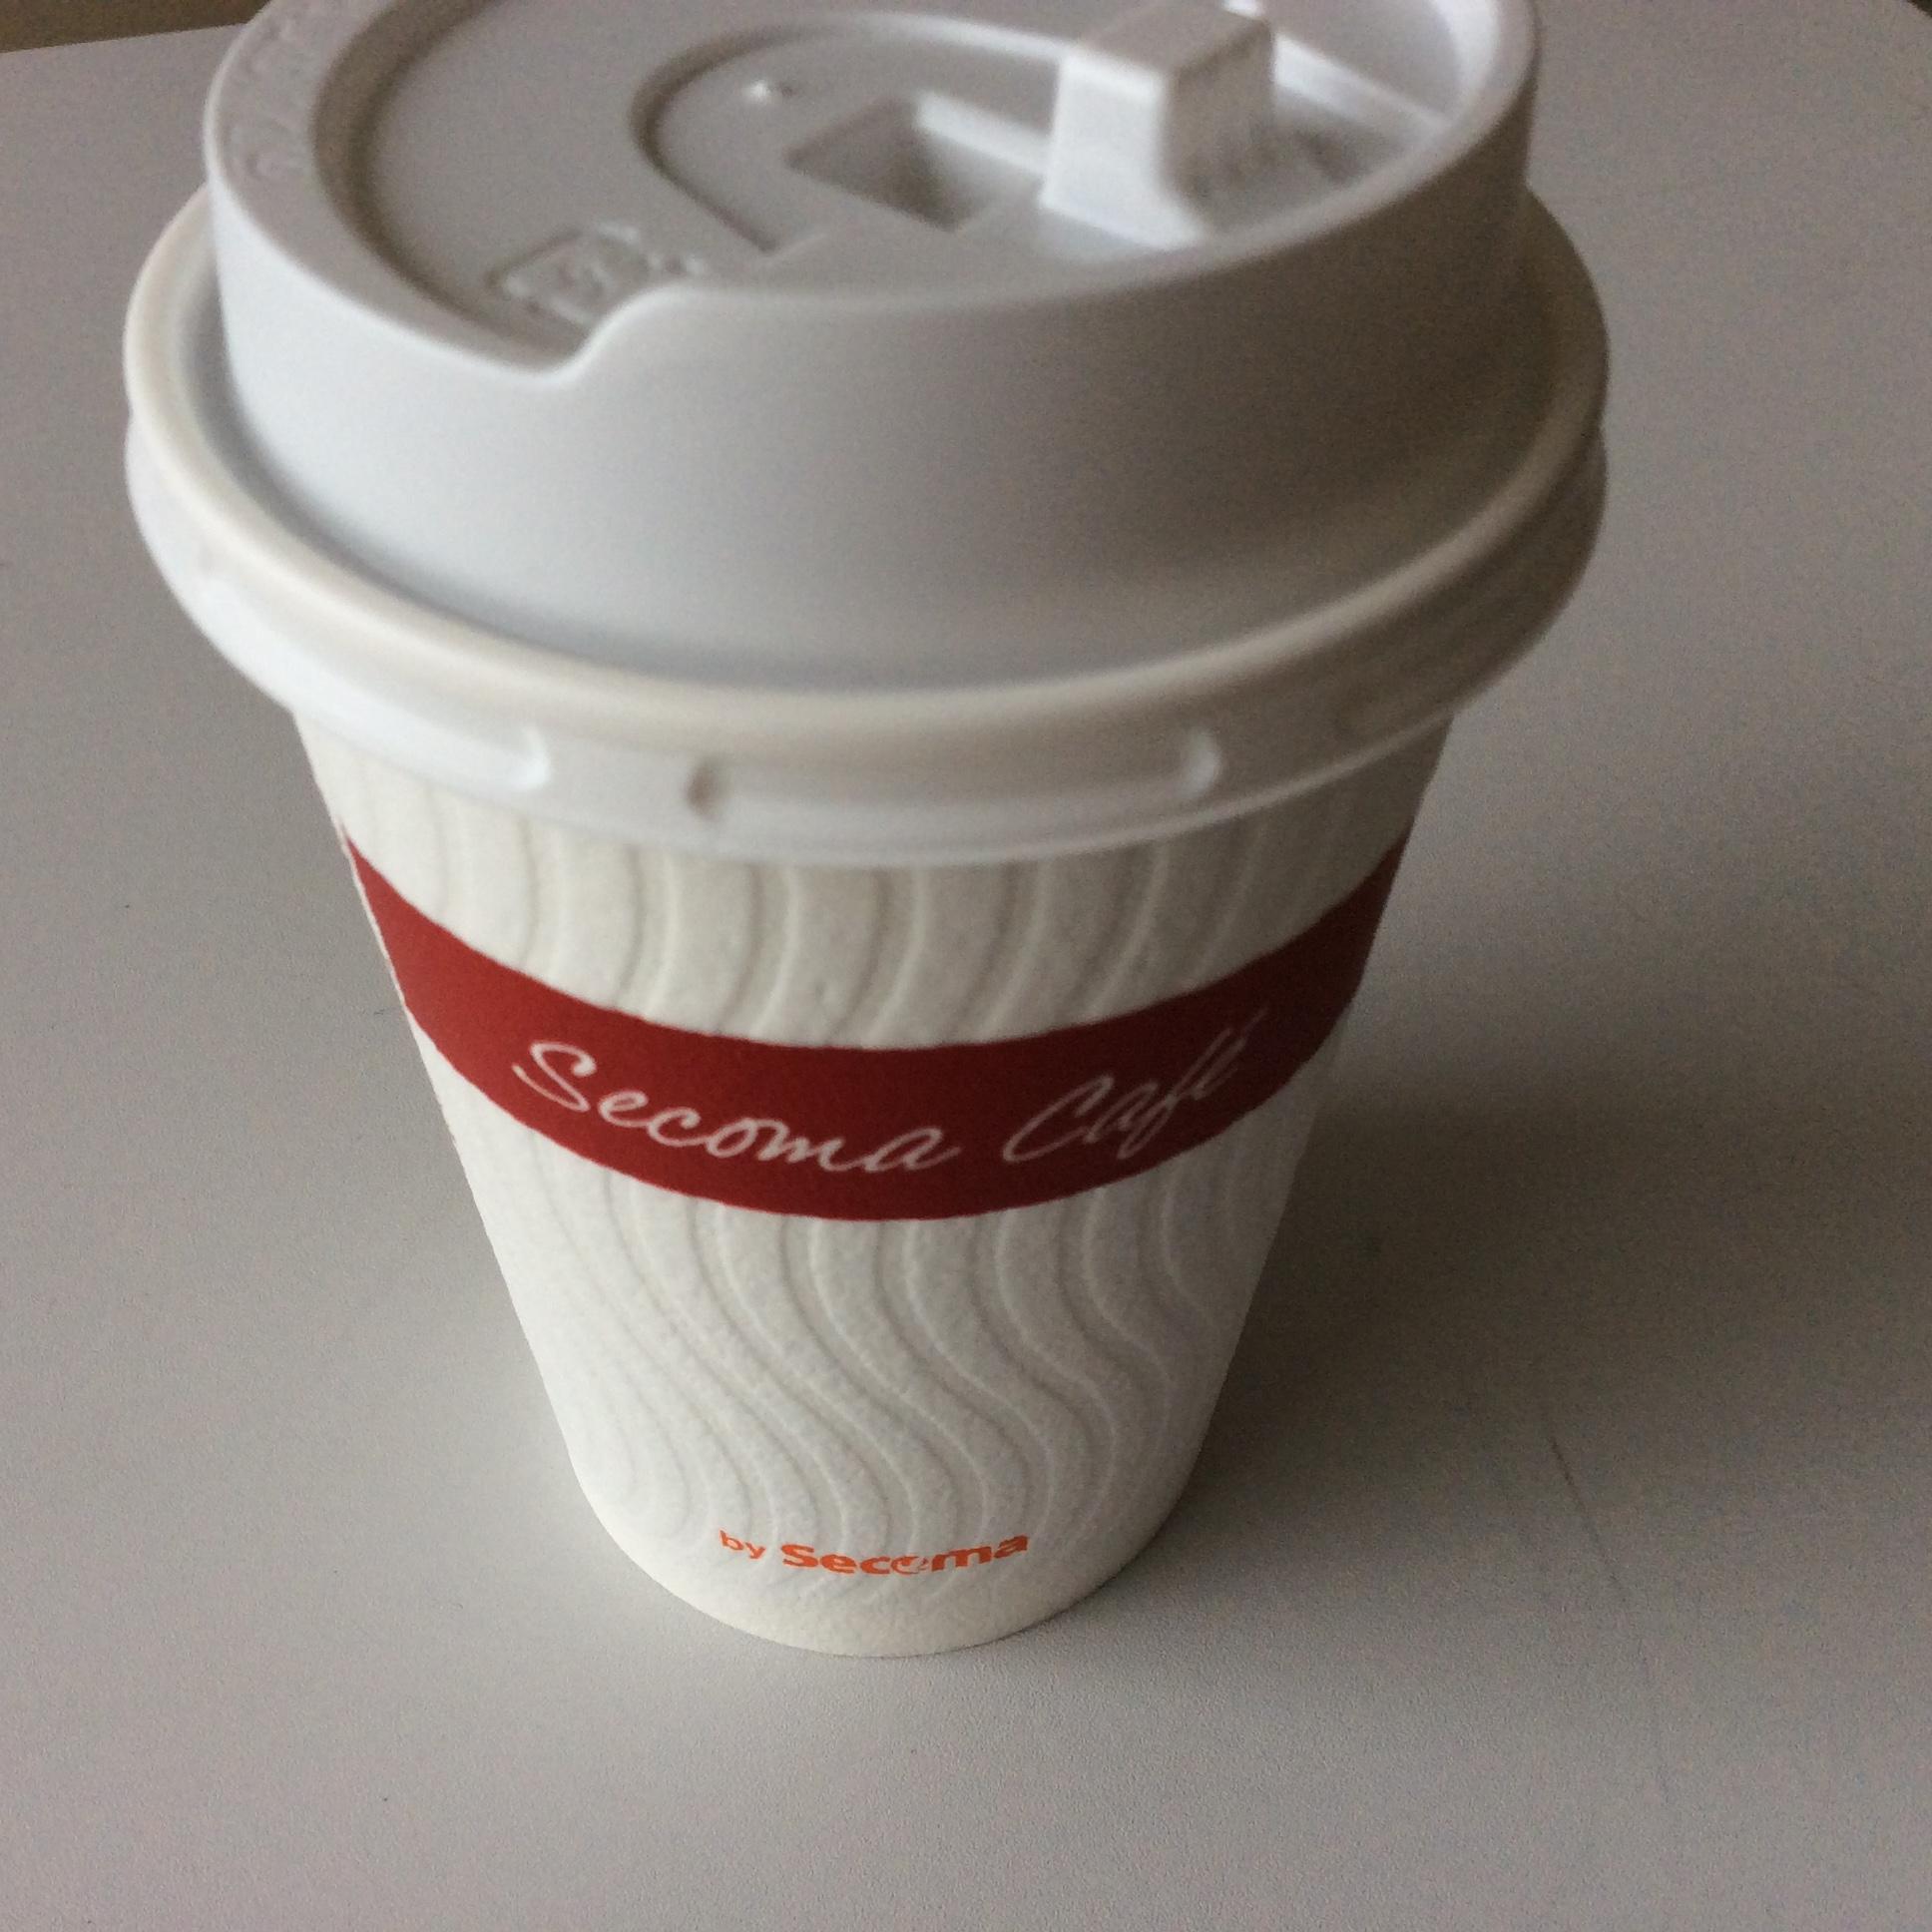 コンビニコーヒーに学ぶ少コストで売上を底上げする仕組み